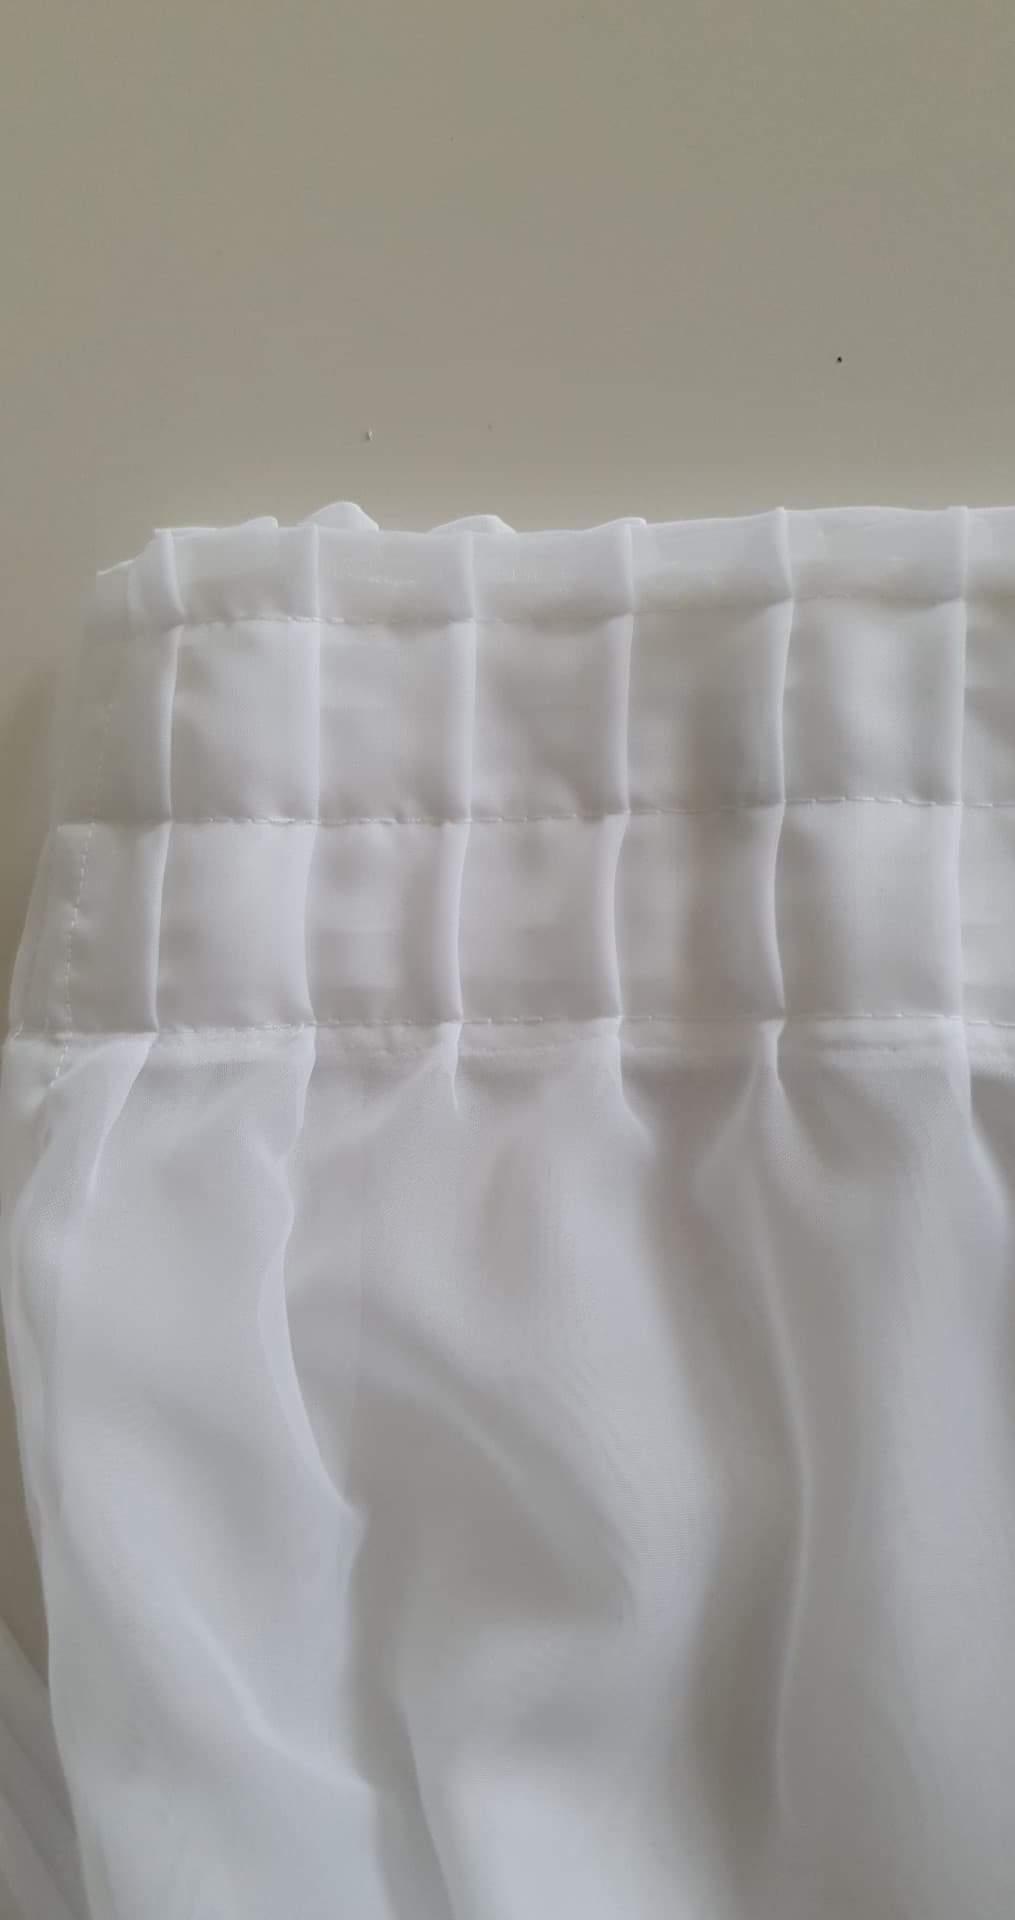 Confection rideau plissé - pré-plissé